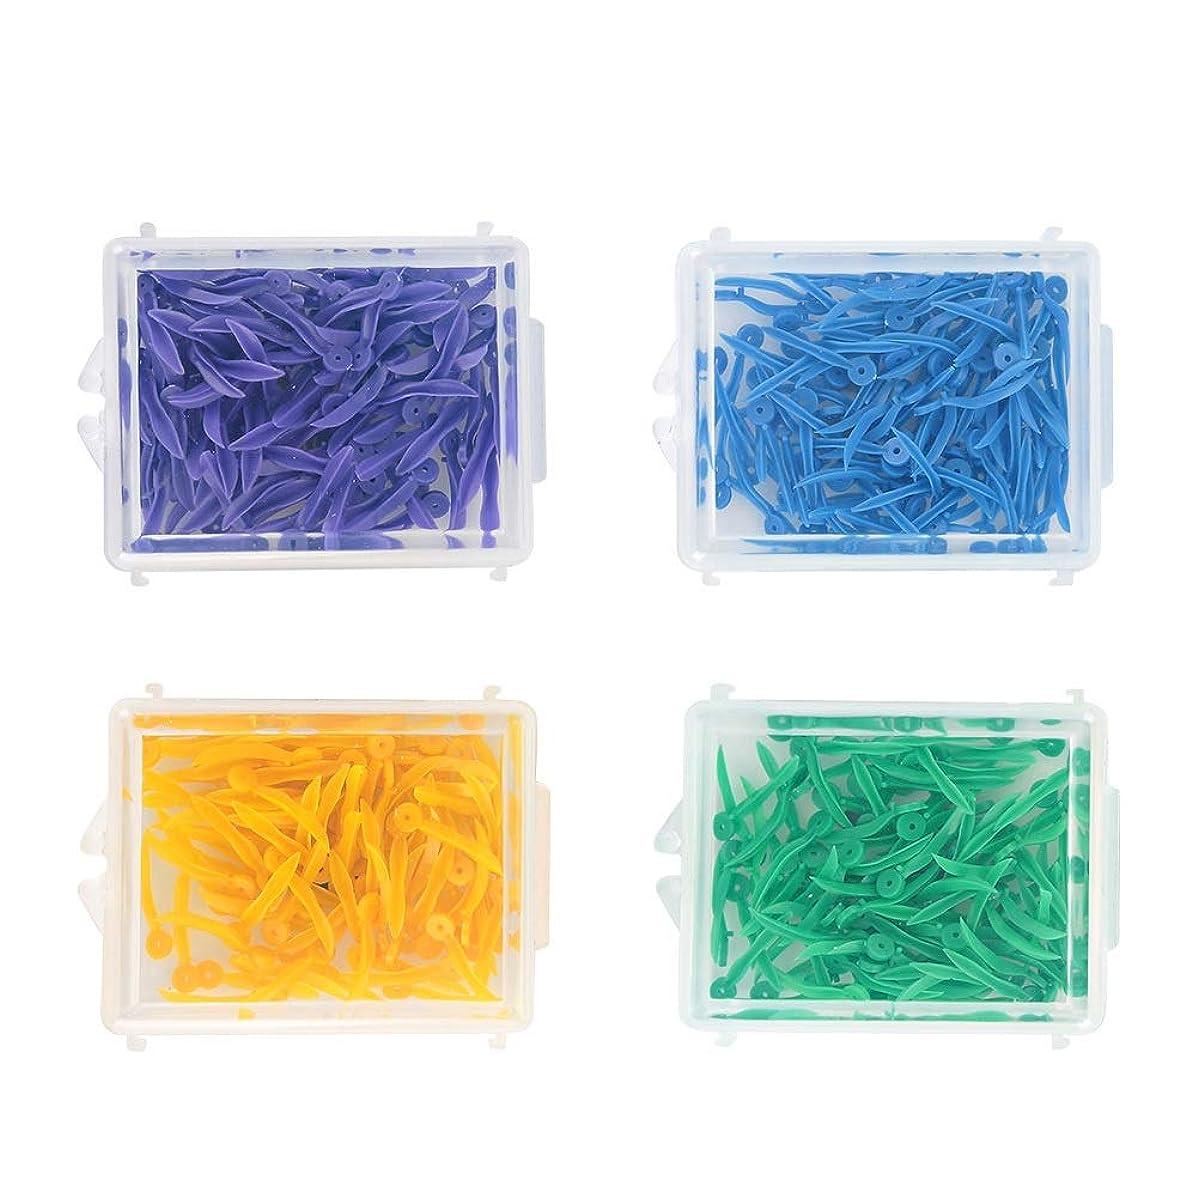 不正直チャールズキージング橋脚Diastemaのくさび、穴が付いている4箱4色の使い捨て可能なプラスチック歯科固定くさび